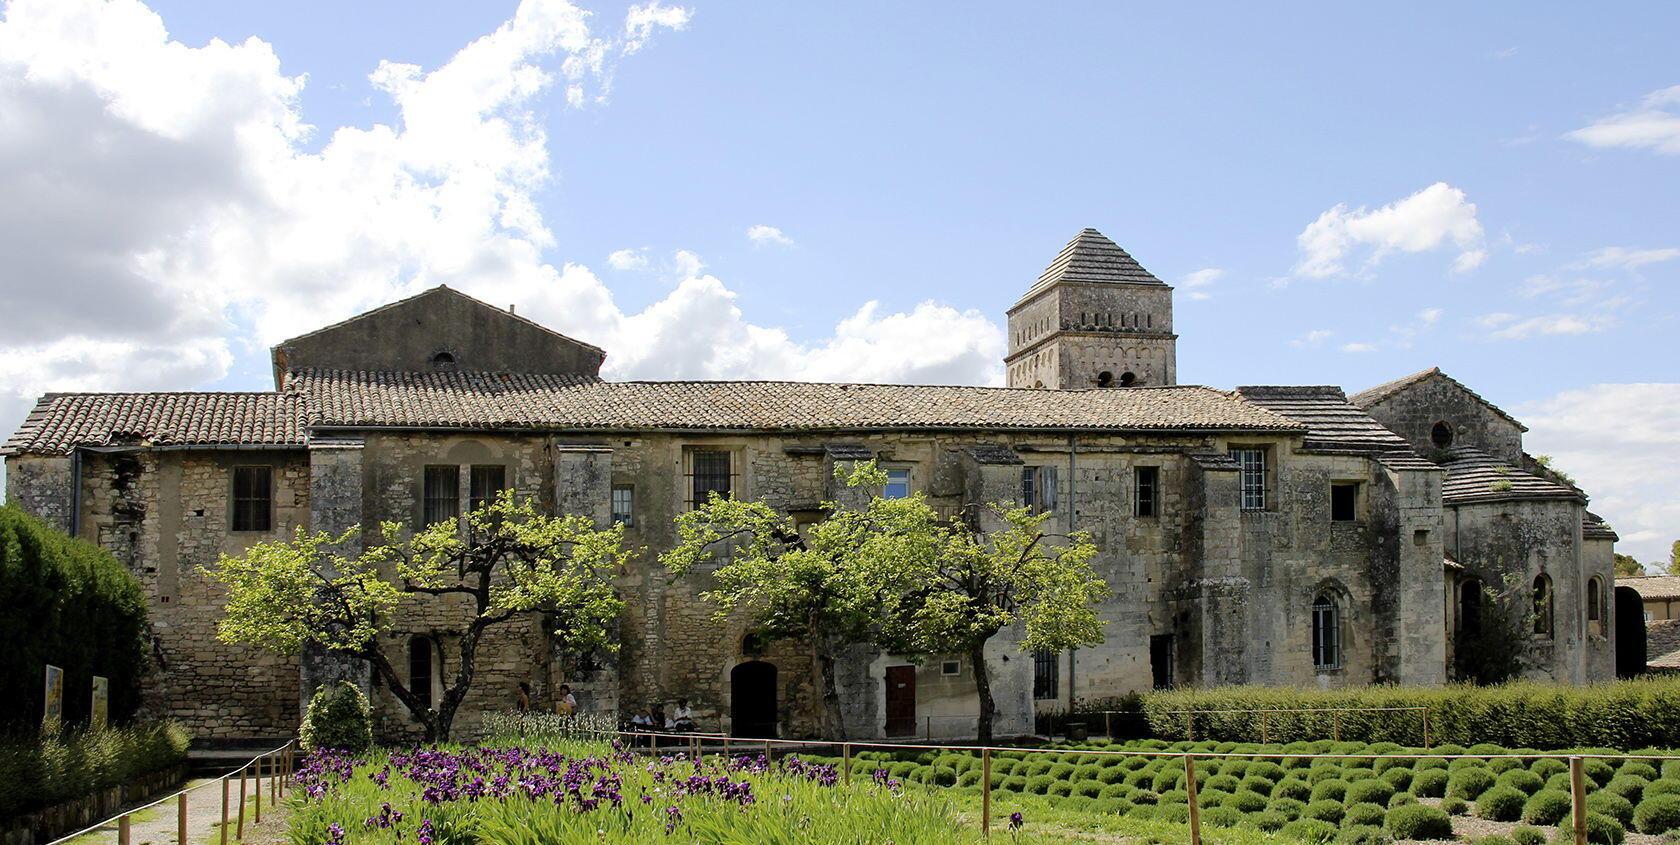 St Remy St Paul de Mausole Van Gogh